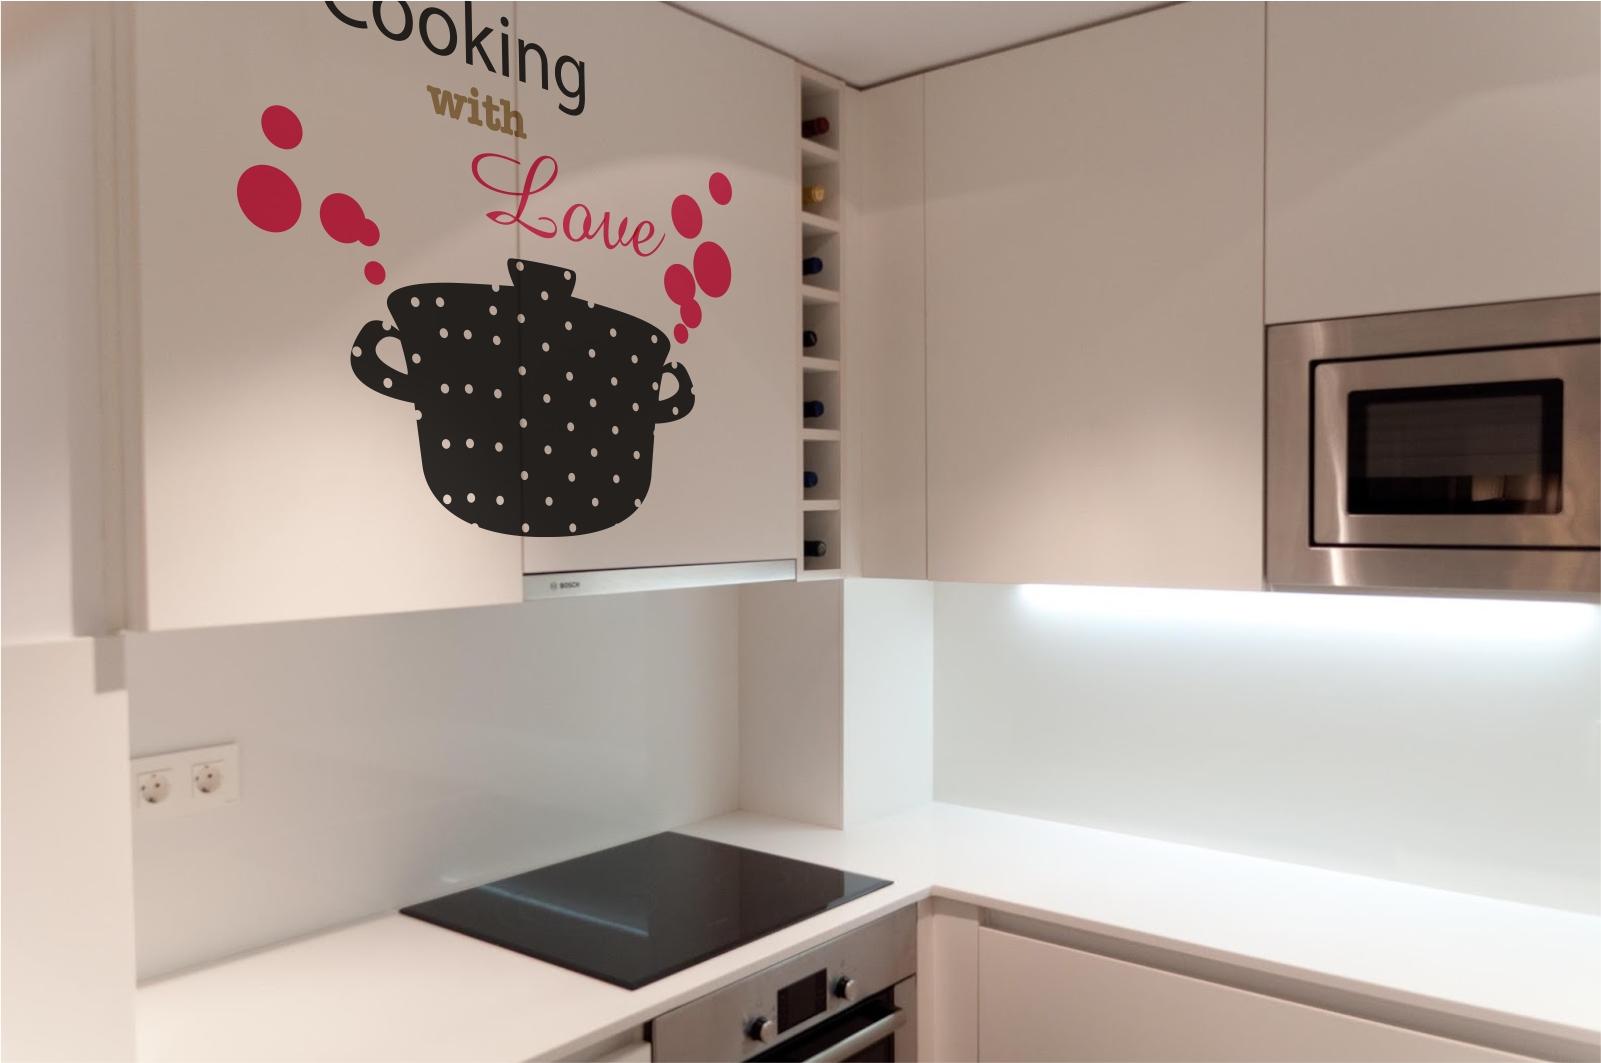 Haz que tus muebles destaquen con un vinilo decorativoblog - Vinilo muebles cocina ...